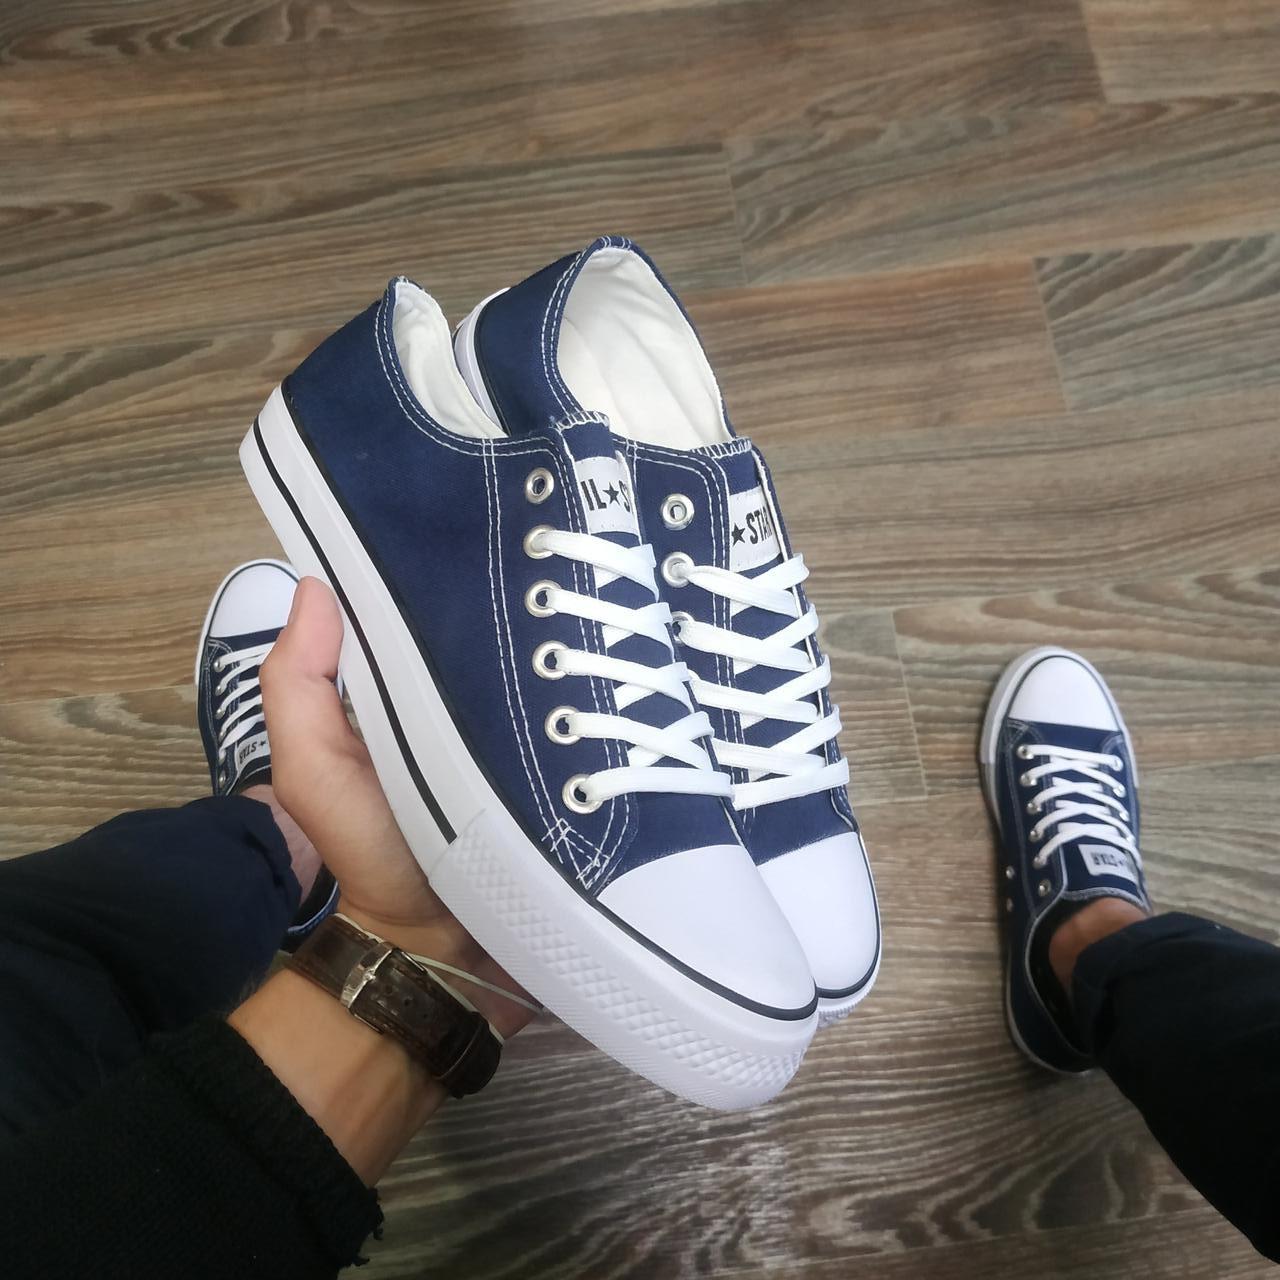 Конверсы женские темно синие кроссовки кеды конверсы AIL STAR в стиле Converse